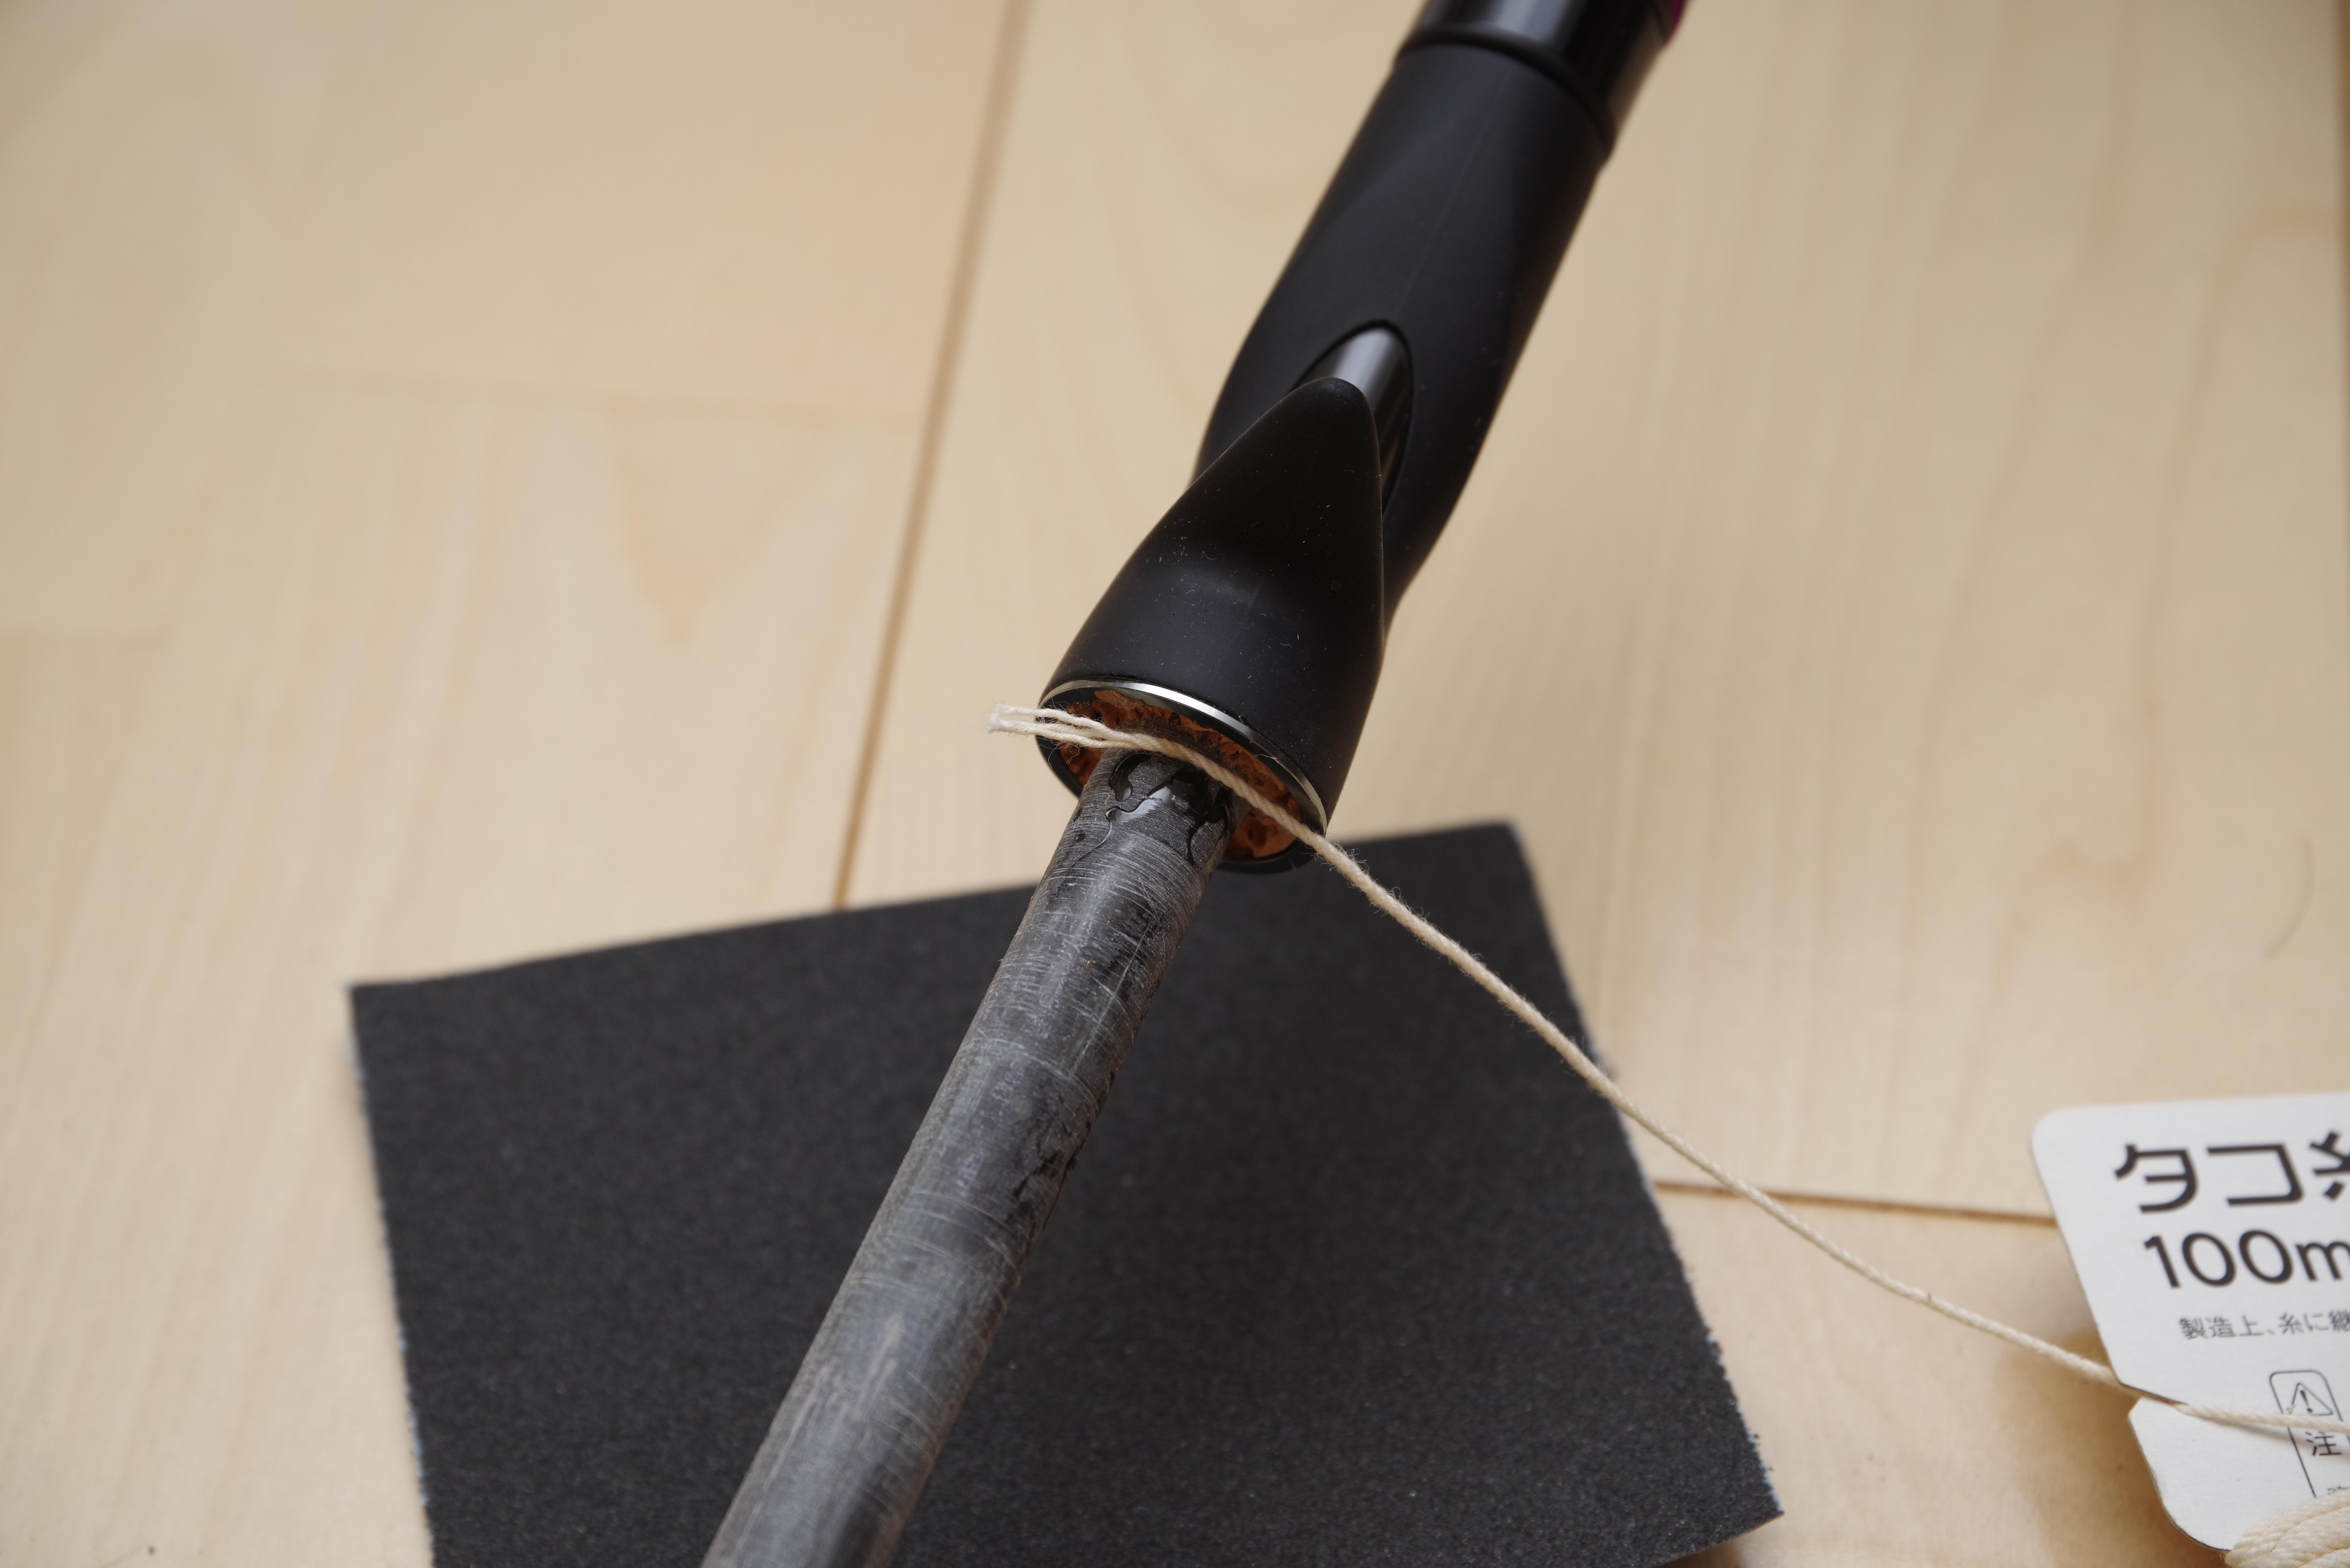 タコ糸の端は瞬間接着剤で固定してから巻いていく